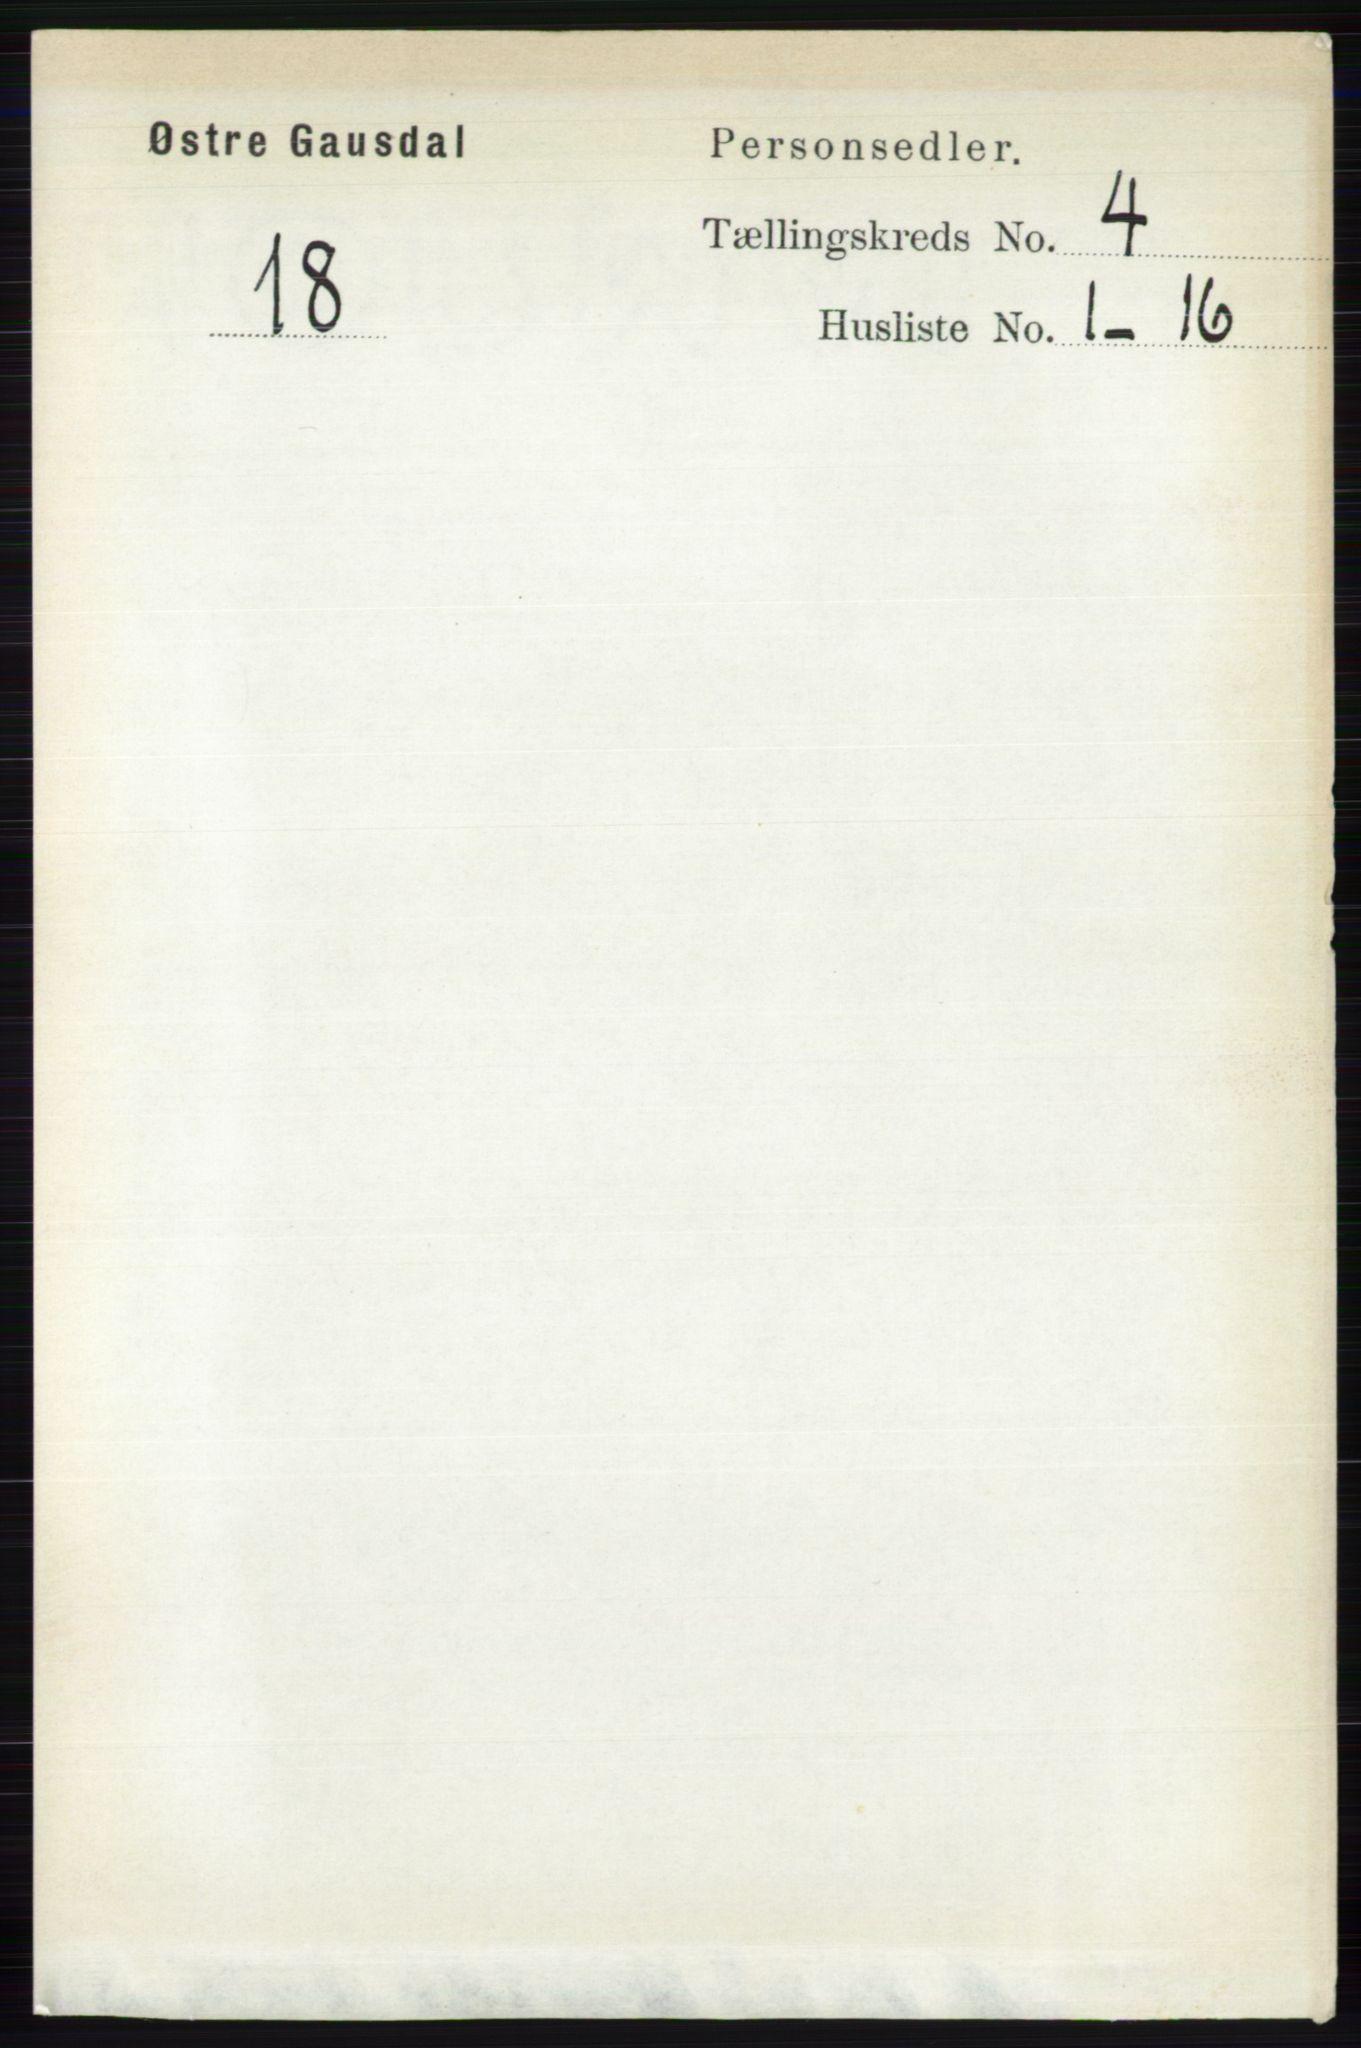 RA, Folketelling 1891 for 0522 Østre Gausdal herred, 1891, s. 2446